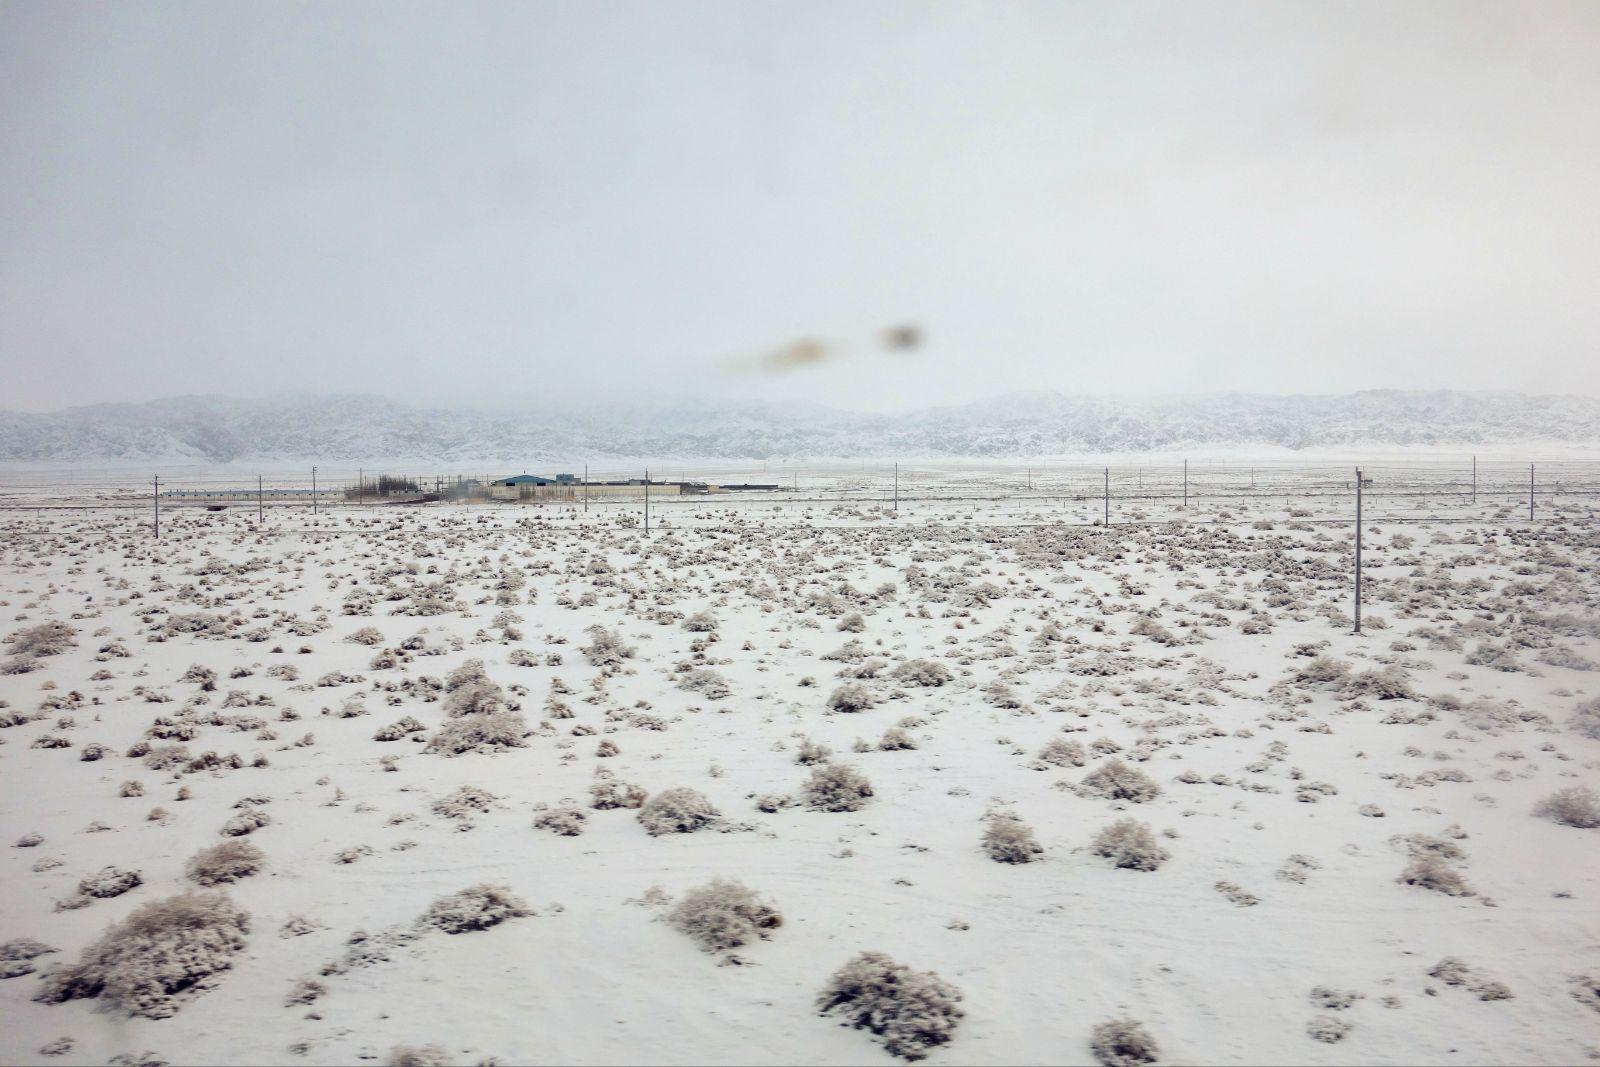 雪��/~���x+�x�&�7:d��_车厢里拍摄的,雪中的大漠